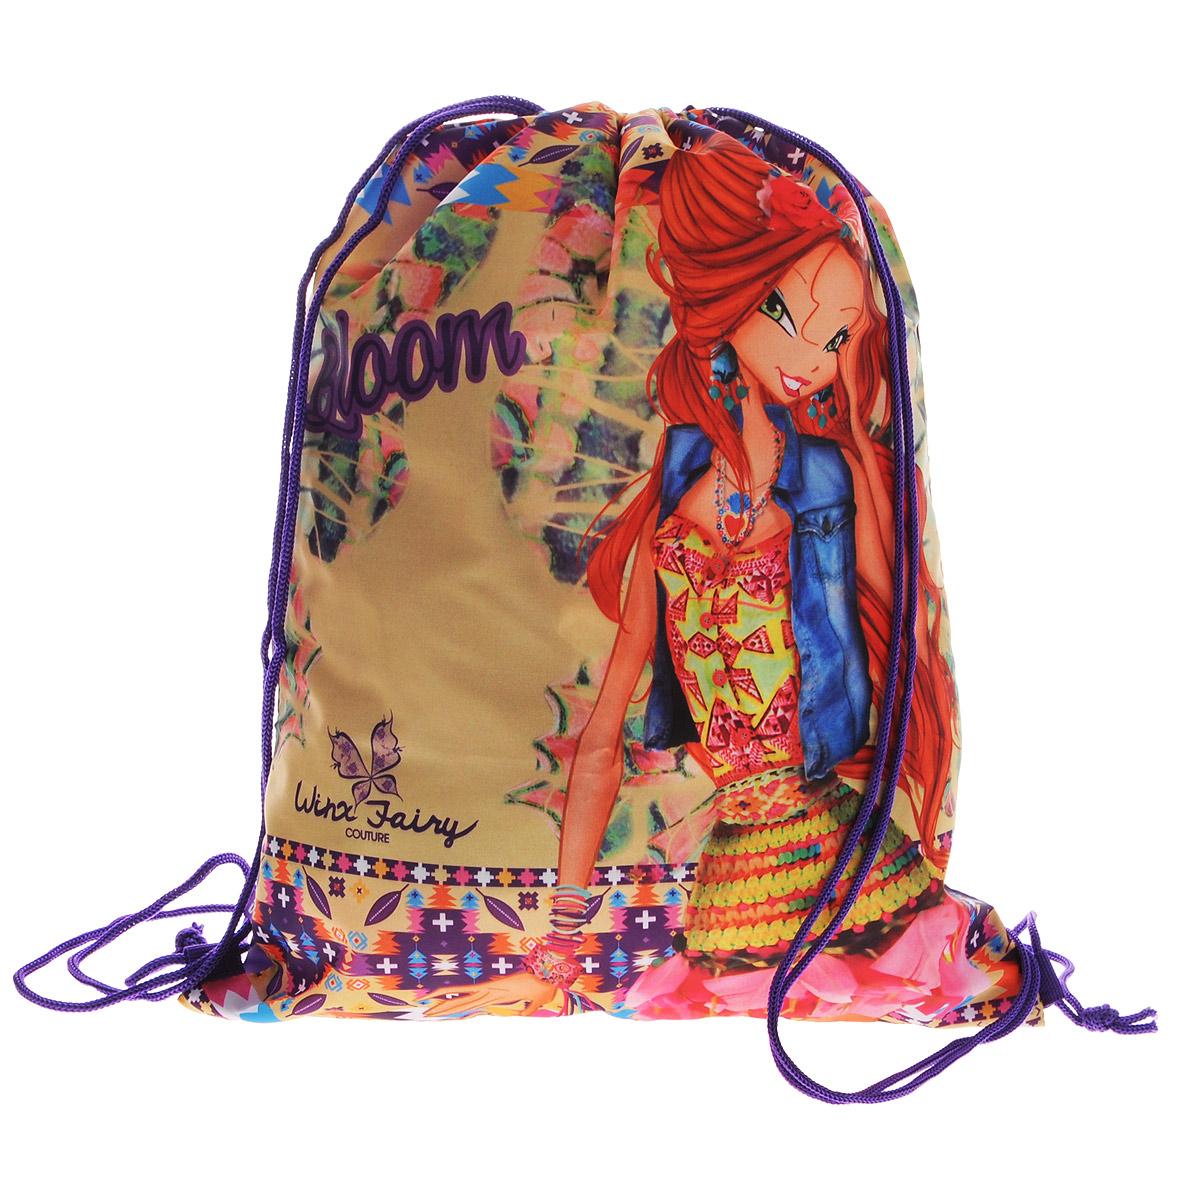 Winx Club Сумка-рюкзак для обуви Winx Fairy Couture цвет фиолетовый WXCB-UT1-883ММ-423-3/3Сумка для сменной обуви Winx Club Winx Fairy Couture идеально подойдет как для хранения, так и для переноски сменной обуви. Сумка выполнена из мягкого водоотталкивающего материала и дополнена одним вместительным отделением, затягивающимся с помощью кулисок. Шнурки фиксируются в нижней части сумки, благодаря чему ее можно носить за спиной как рюкзак.